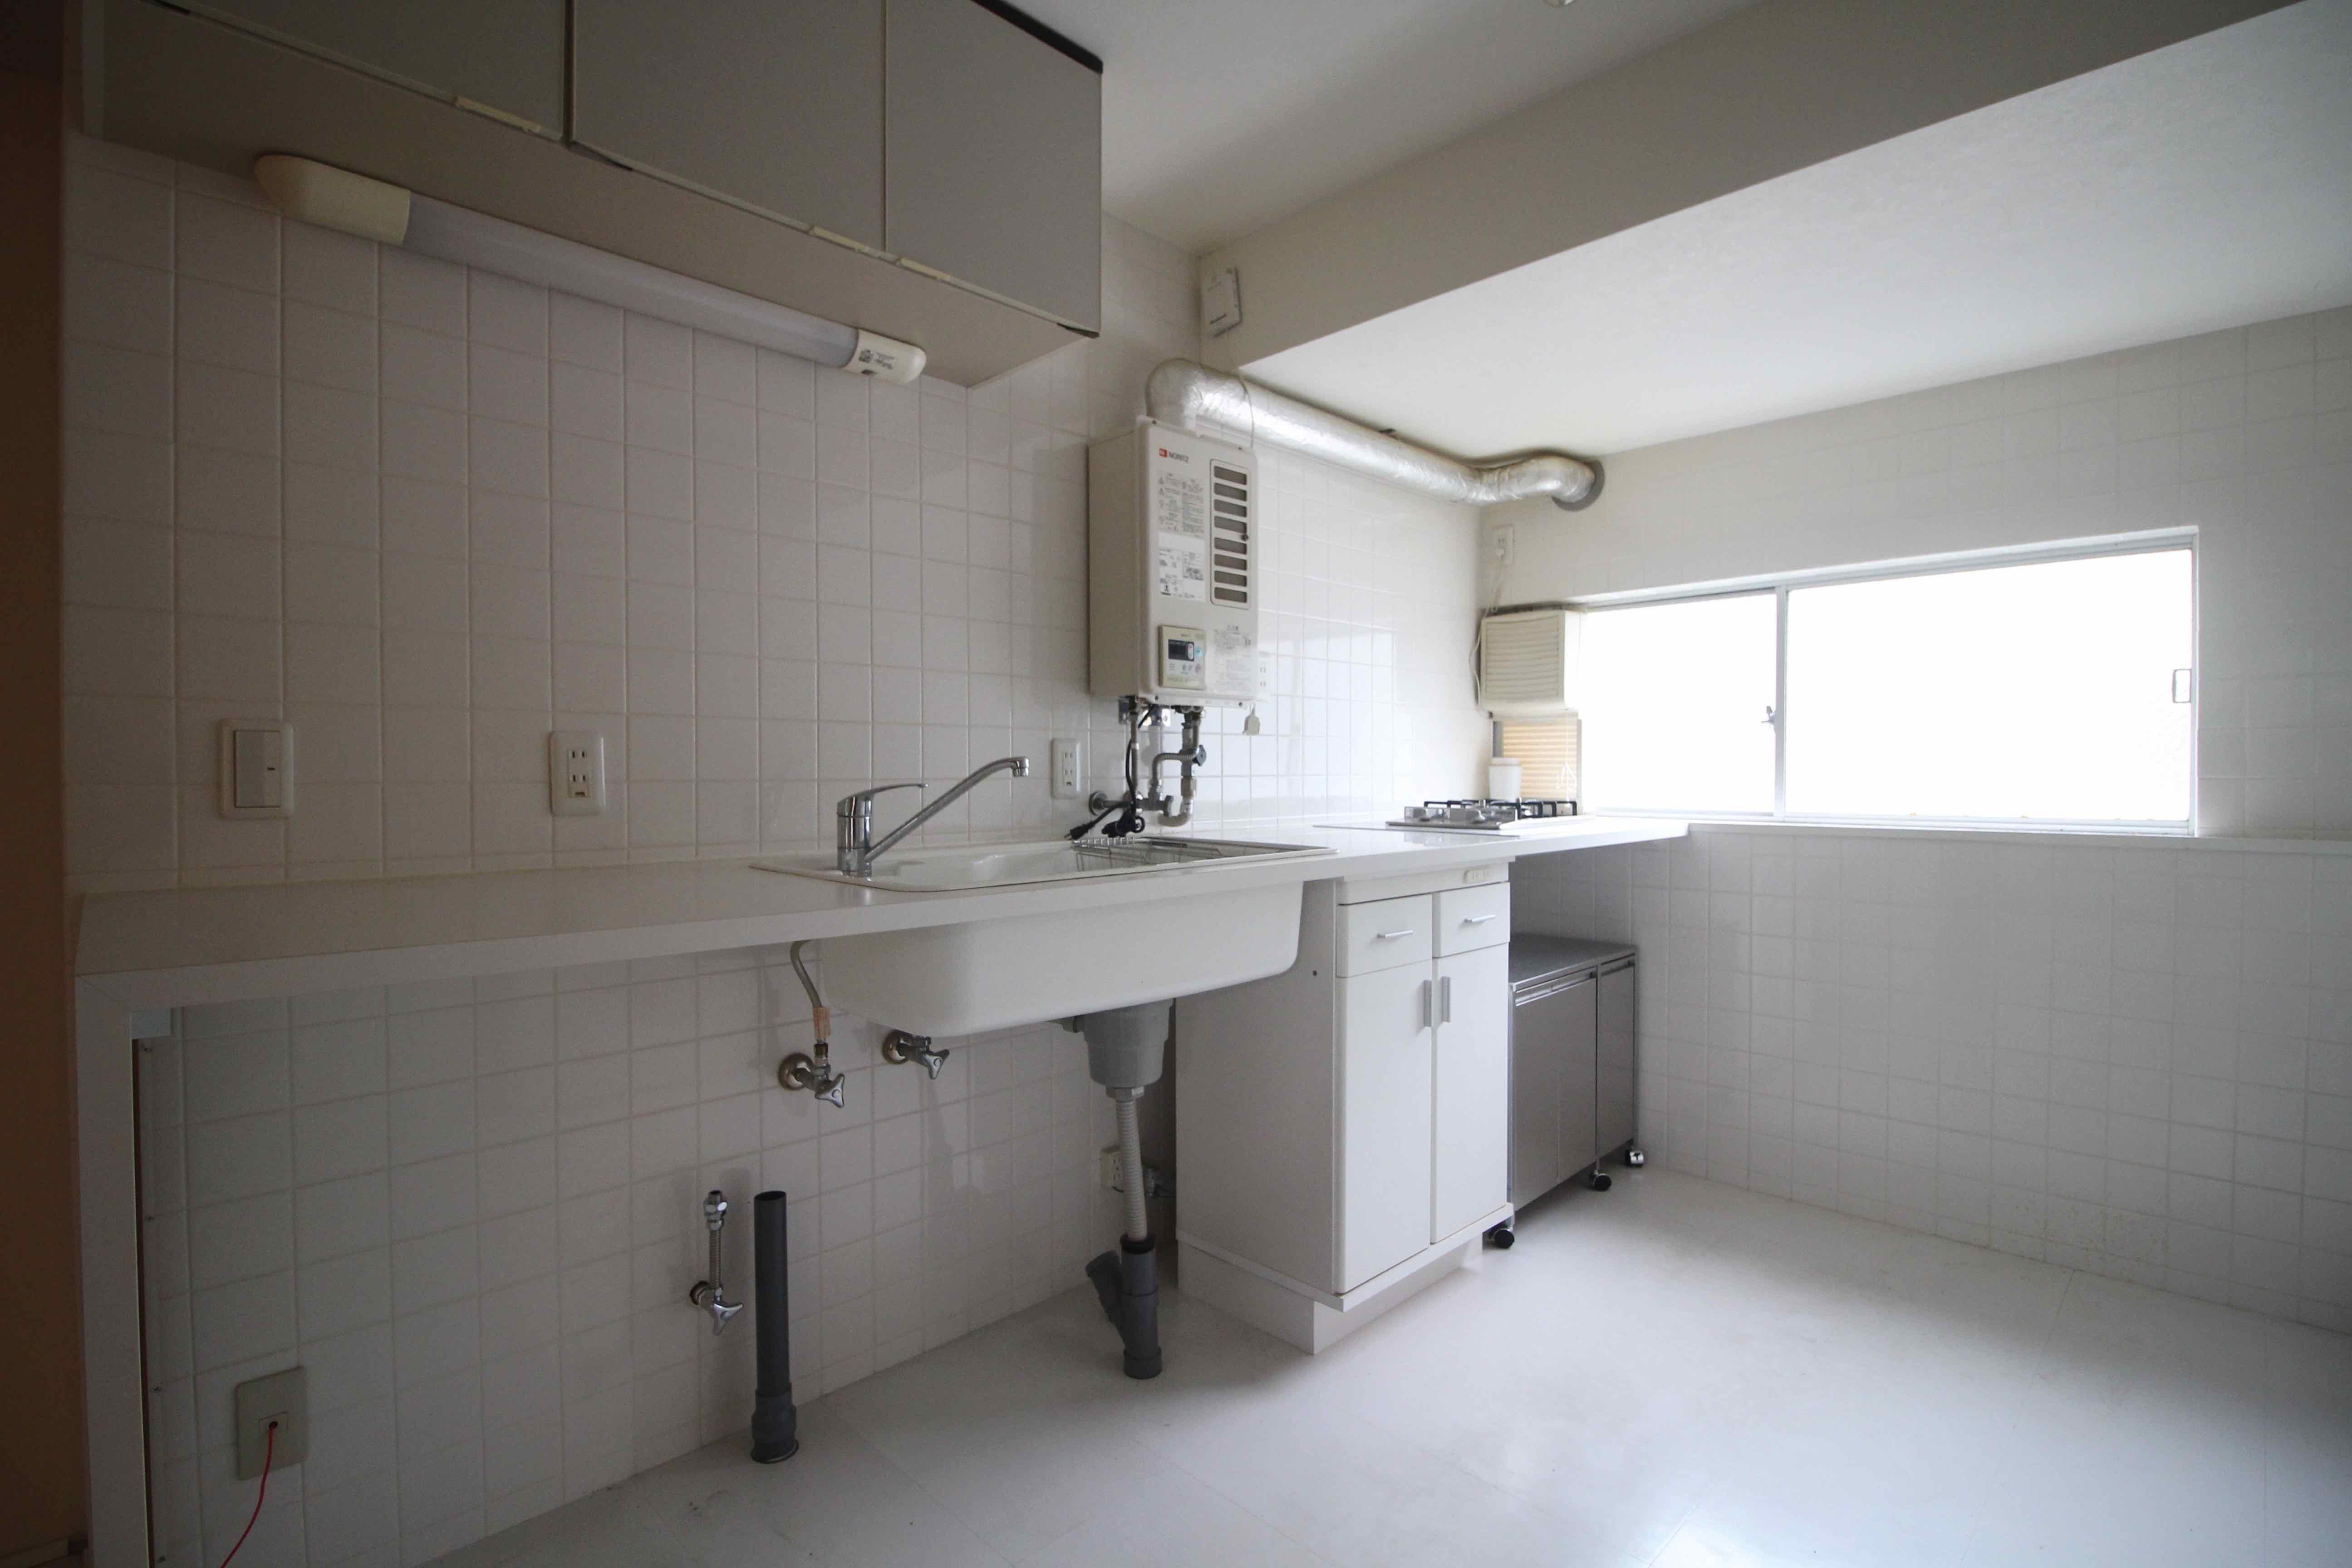 白いタイル貼りのスタイリッシュなキッチン